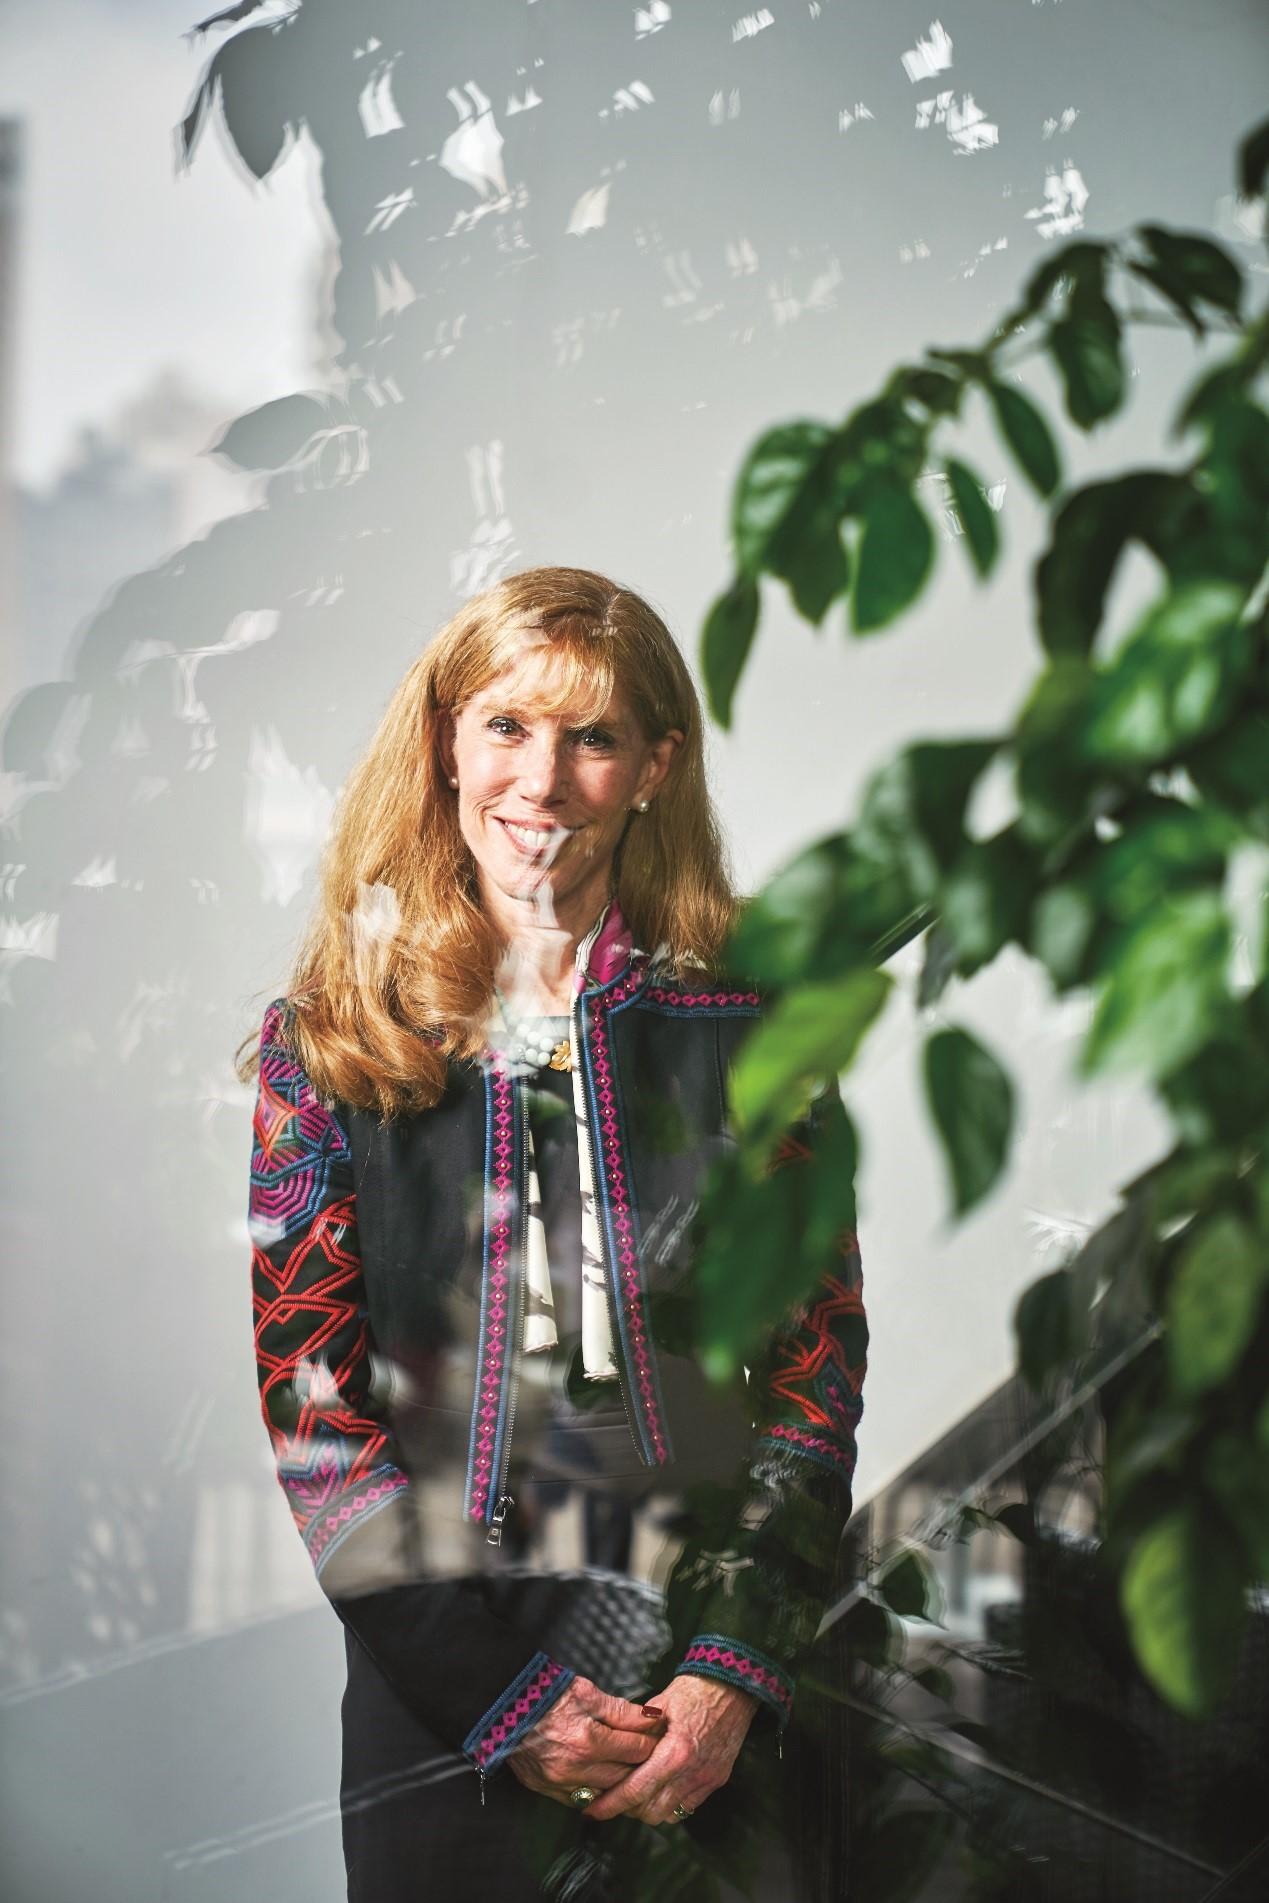 步春歌(Kathy Bloomgarden)是罗德公关全球首席执行官。罗德公关是一家独立整合传播咨询公司,1948年成立于美国纽约,1993年进入中国市场,实行美国中国双总部制度。